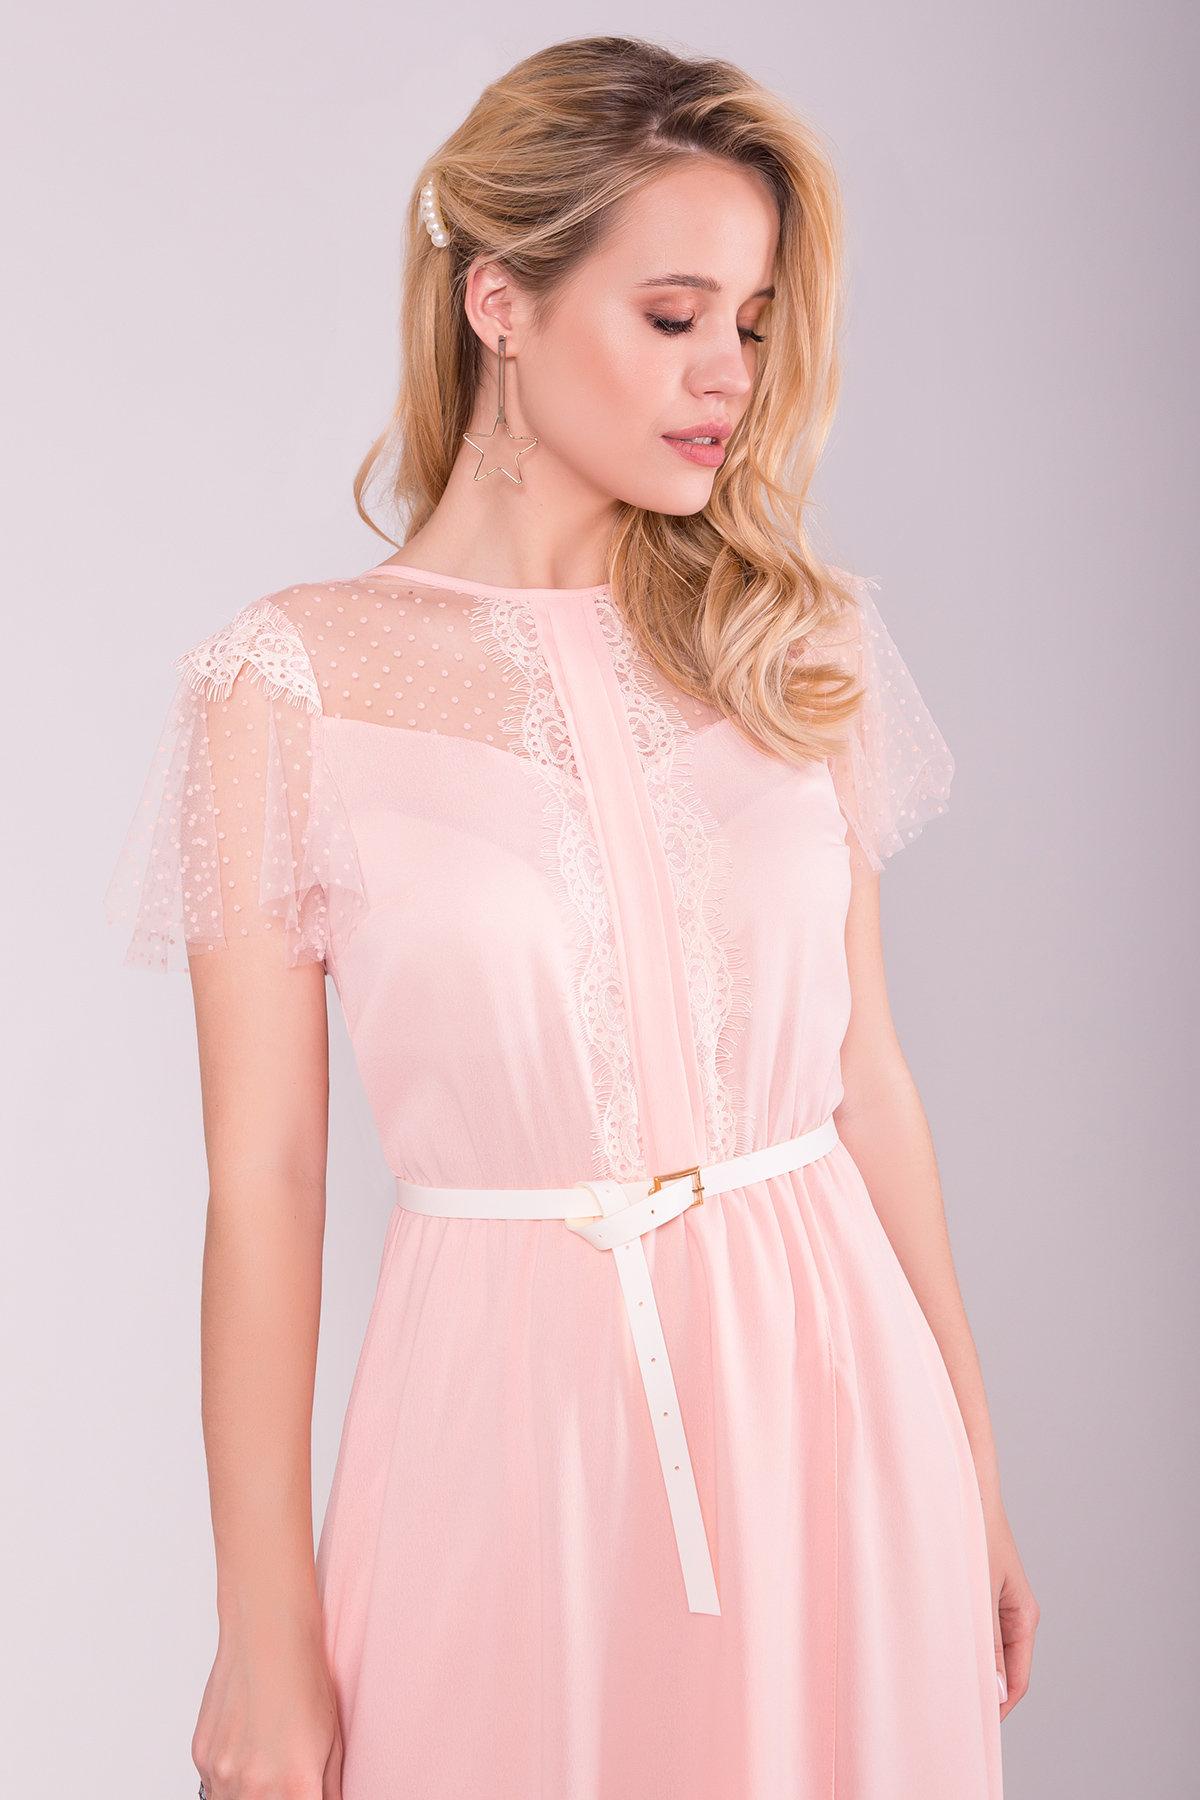 Платье Австралия 7333 АРТ. 43030 Цвет: Пудра Светлая - фото 4, интернет магазин tm-modus.ru